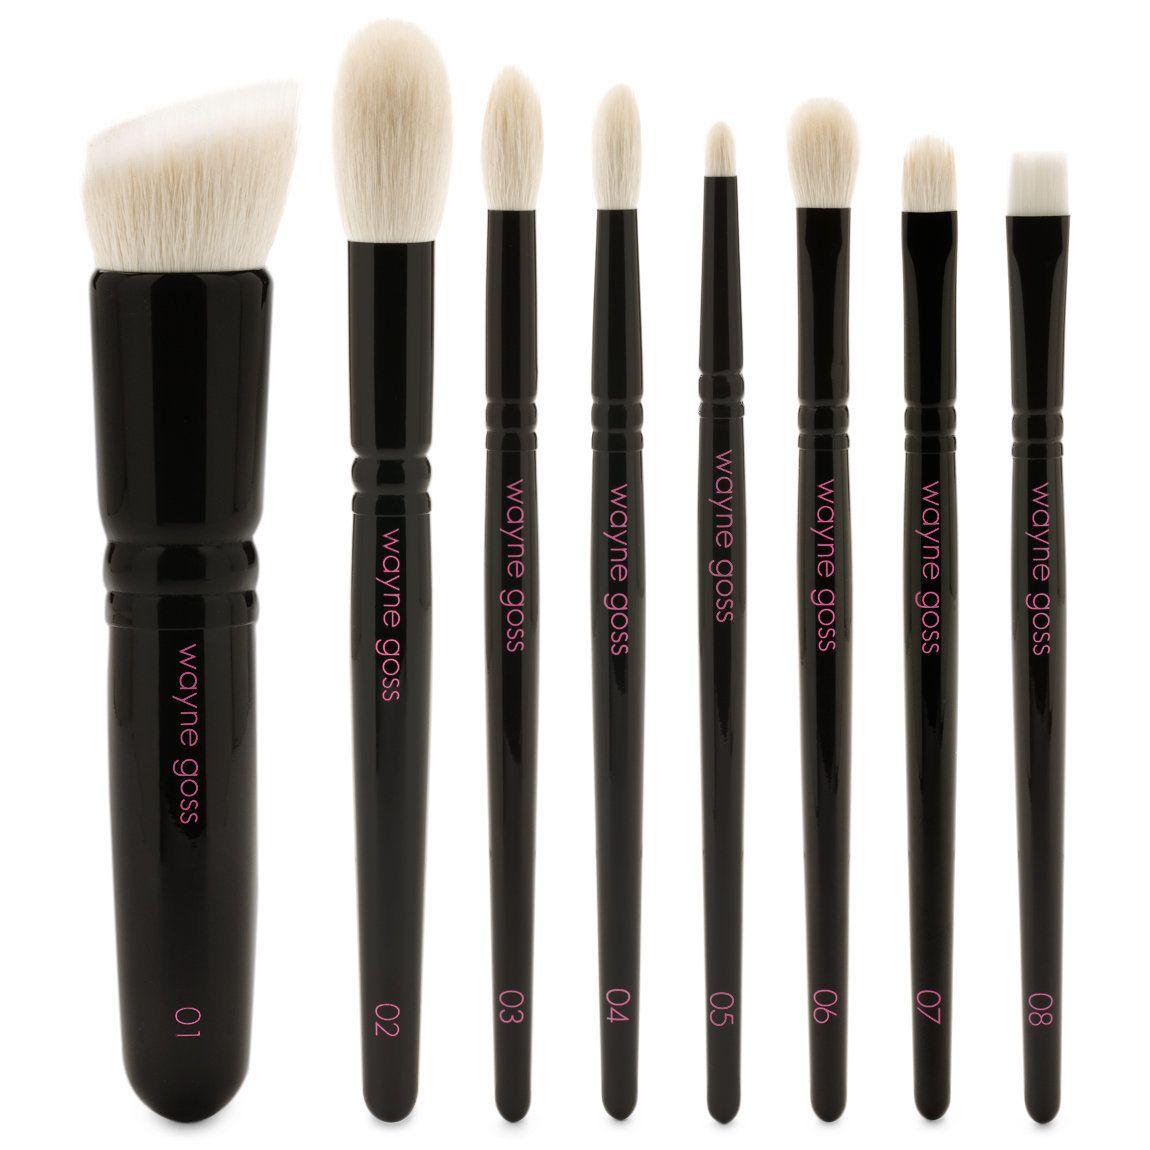 Wayne Goss The Anniversary Set Volume 2 | Wayne goss. Duo fiber brush. Eye cream for dark circles